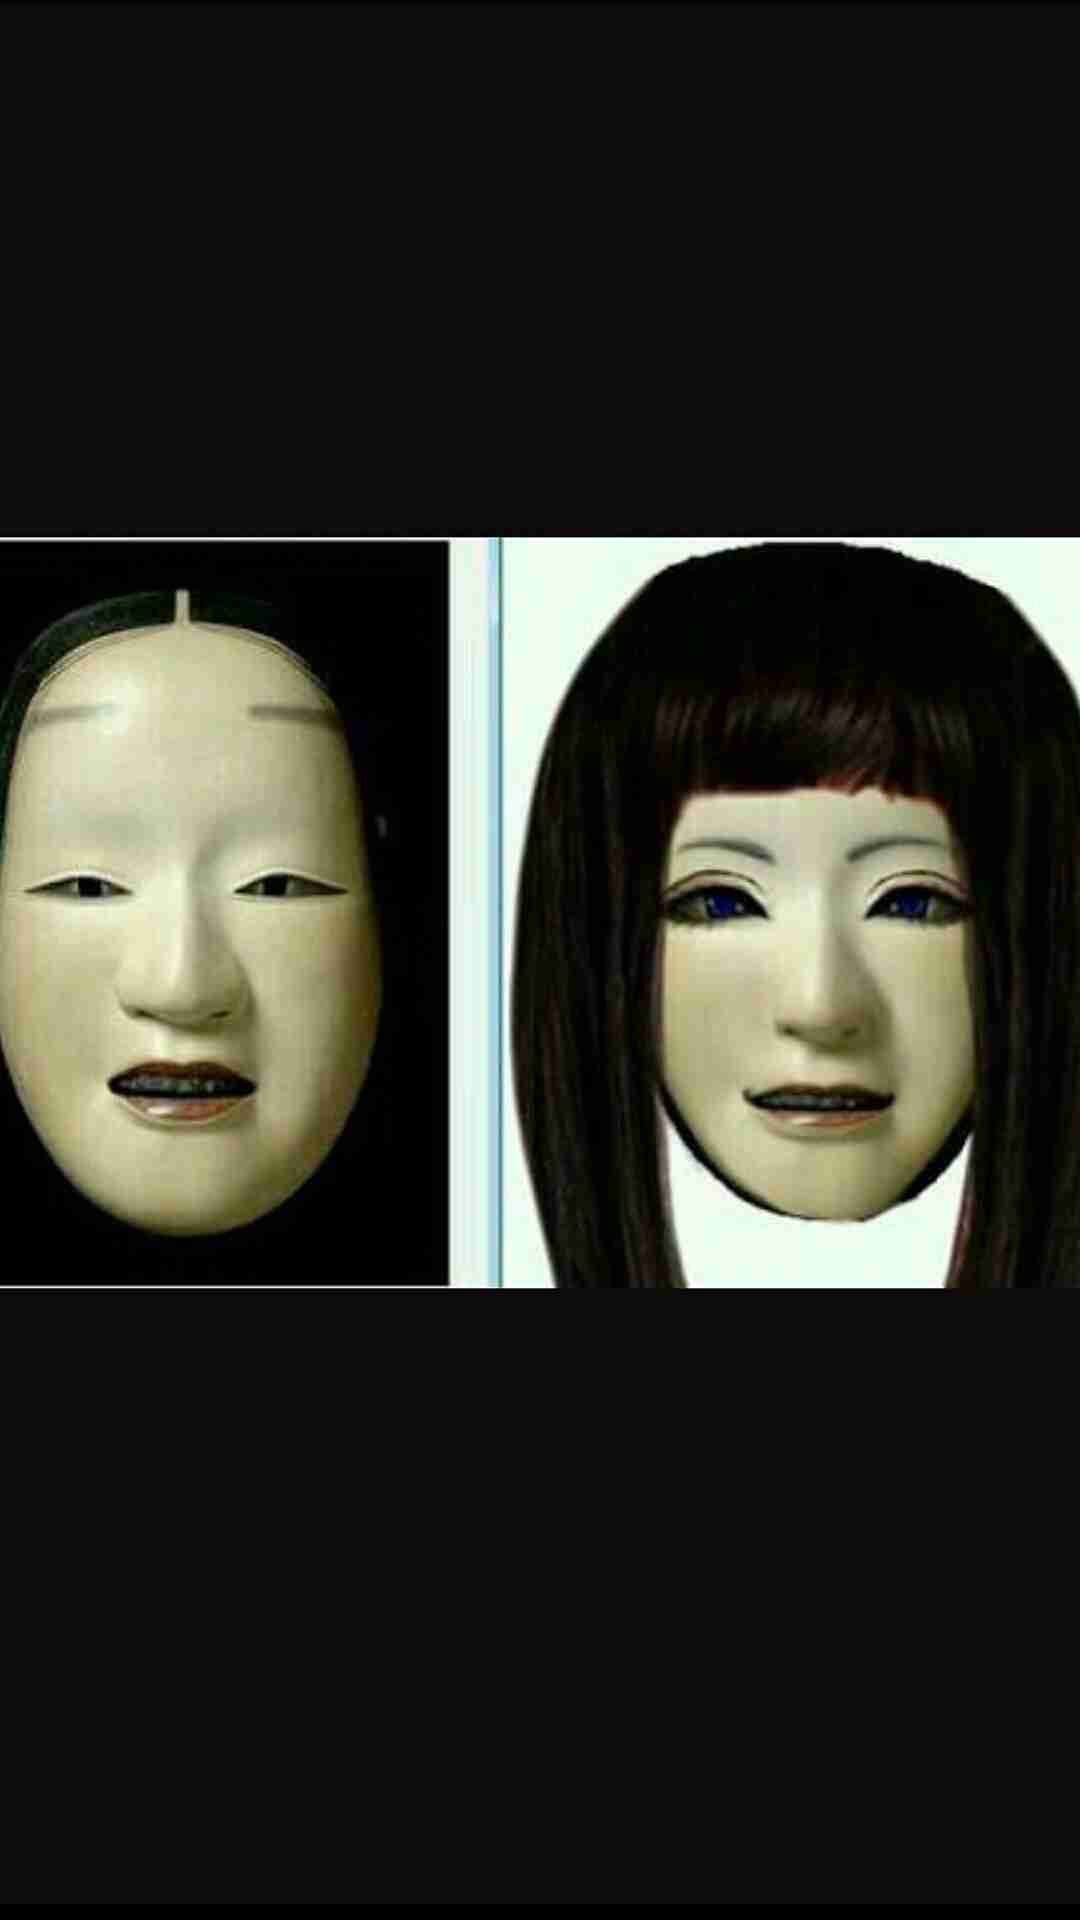 【ガルちゃん民】視覚で美意識向上委員会